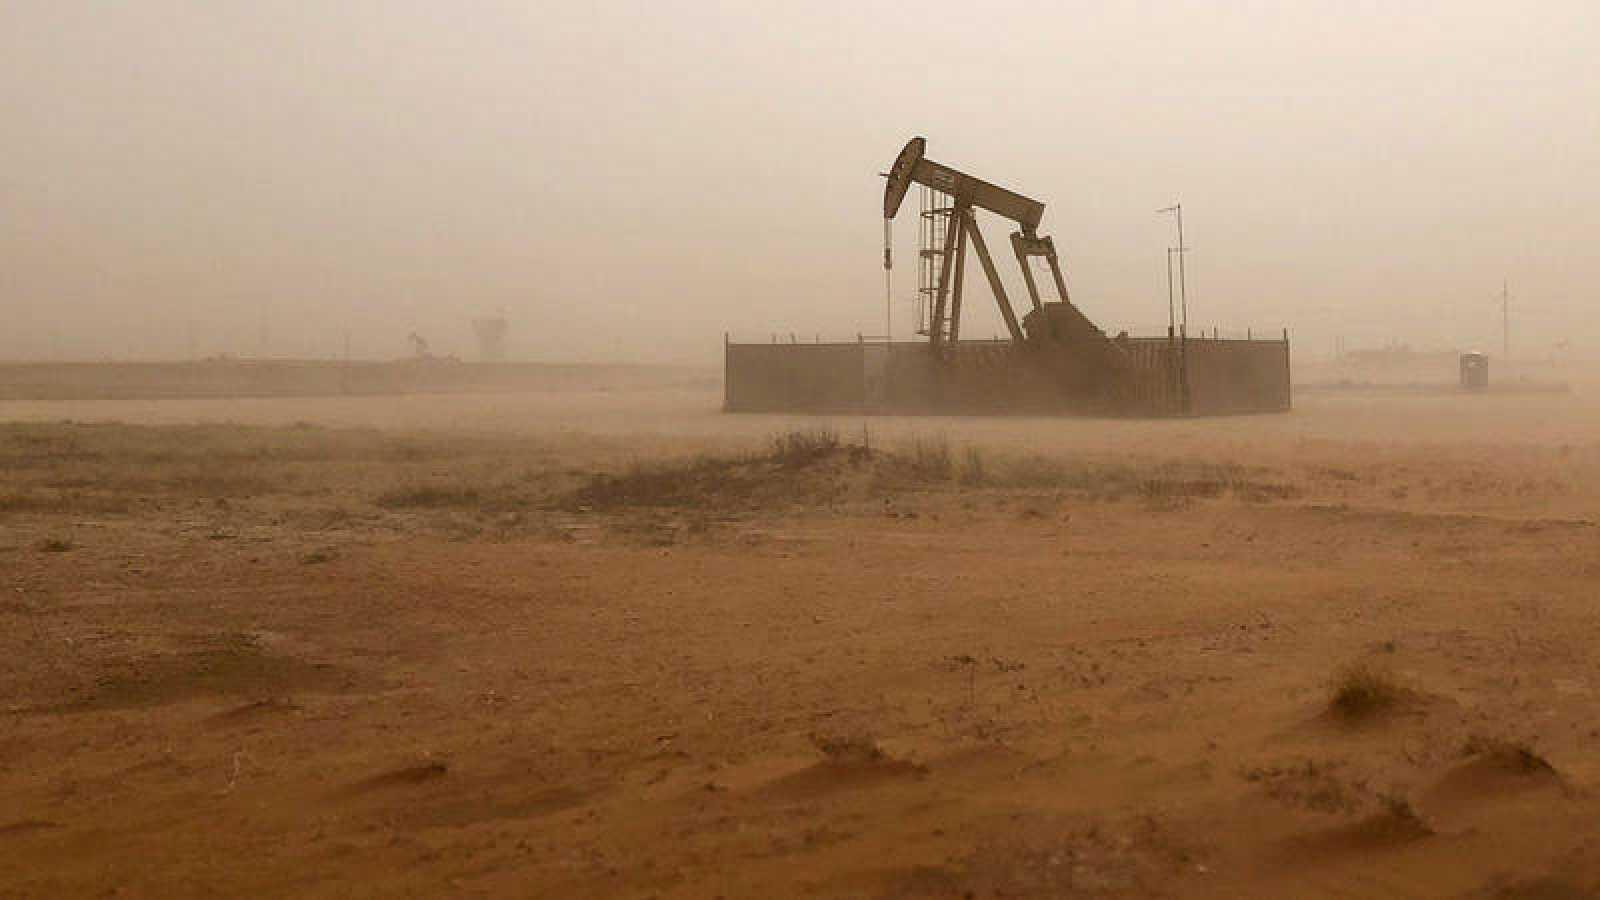 Un pozo de petróleo en la región texana de Midland durante una tormenta de arena